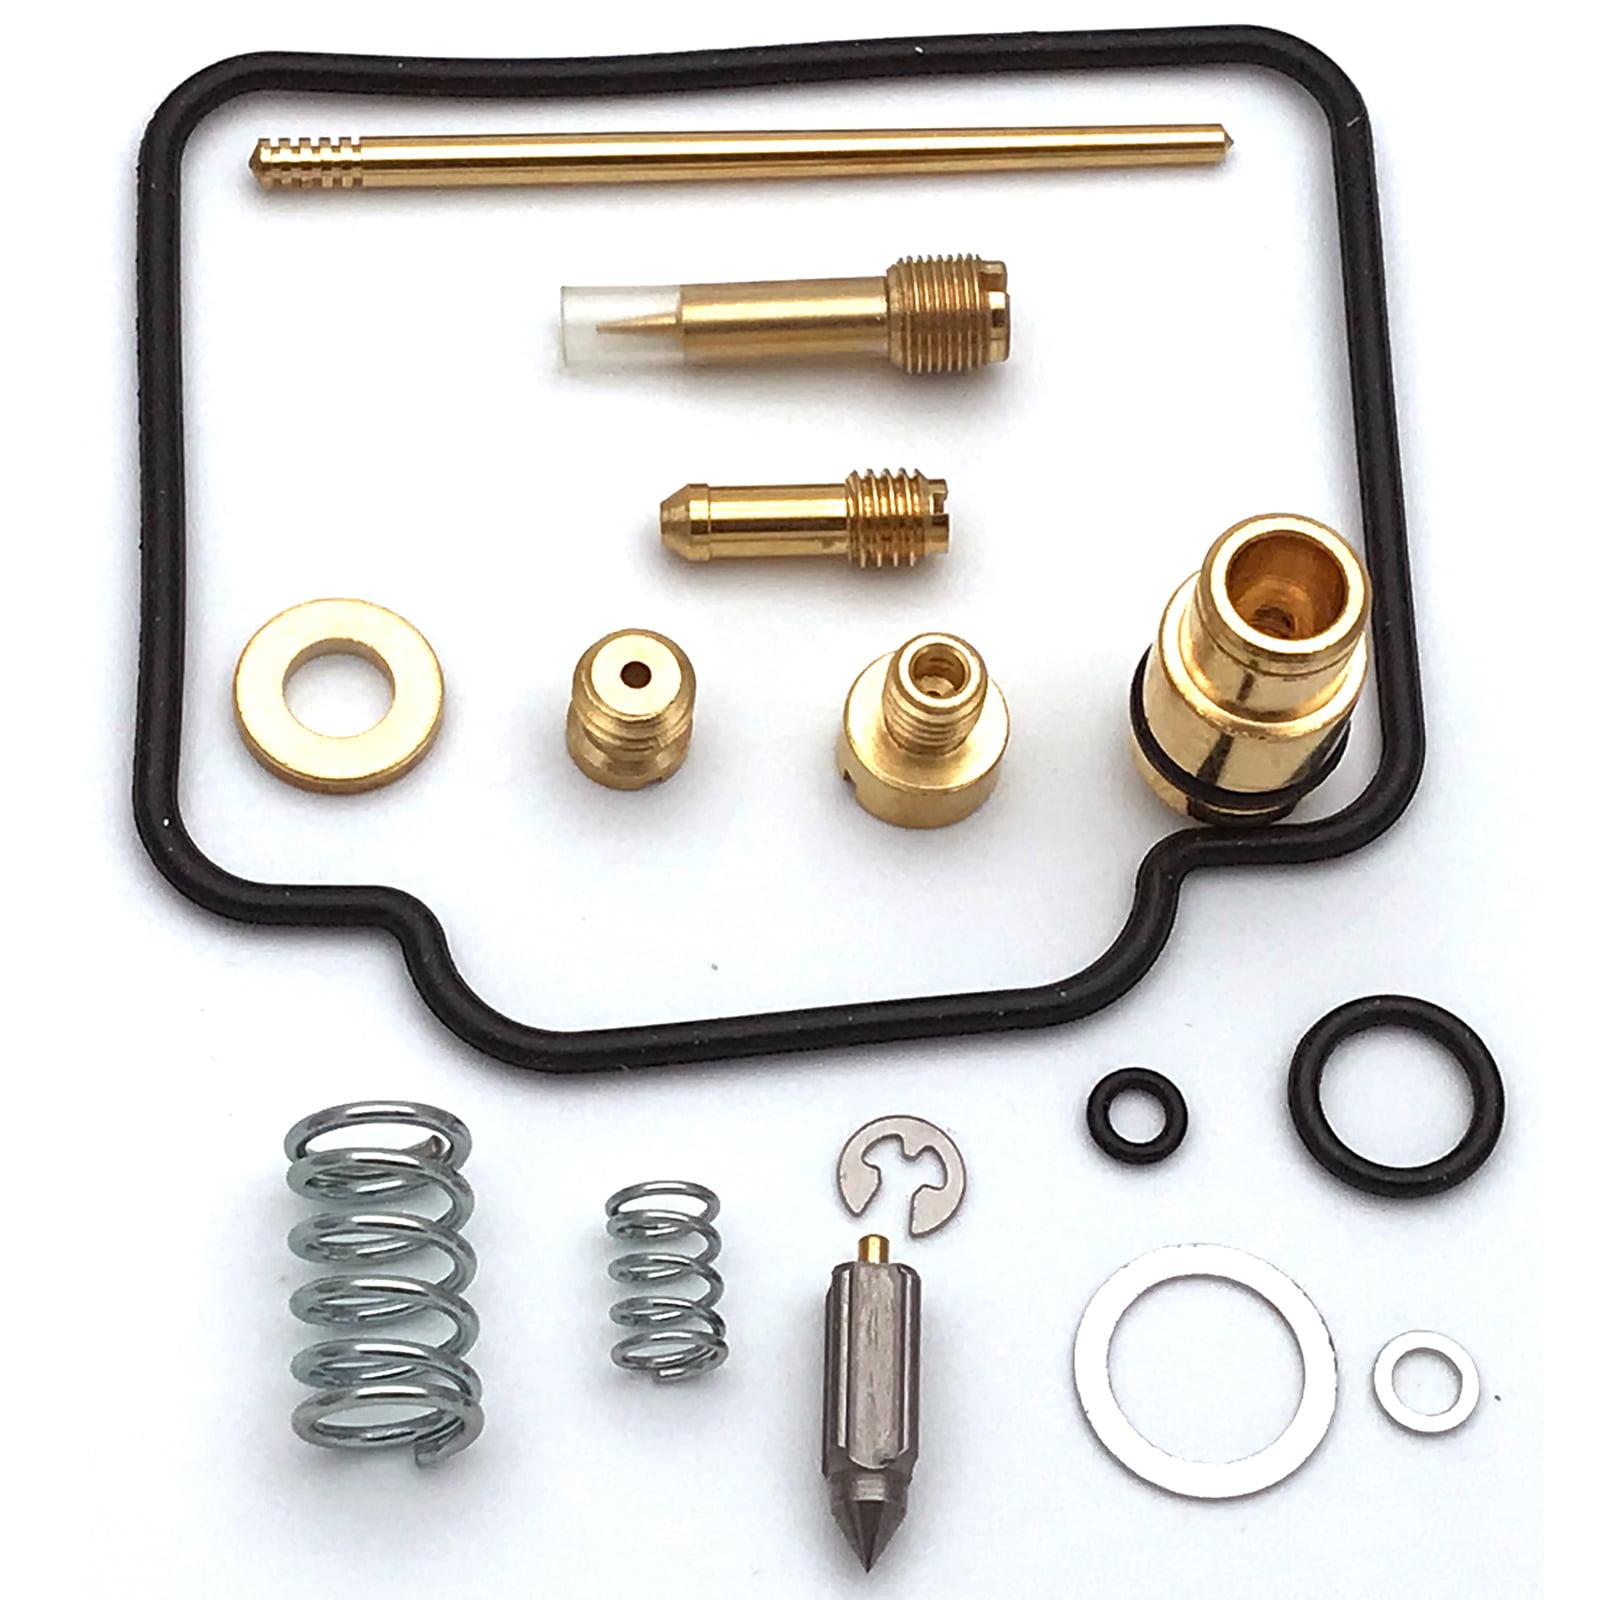 NEW For Suzuki LTF4WDX King Quad 1991-1998 CARBURETOR Rebuild Kit Repair LT4WDX